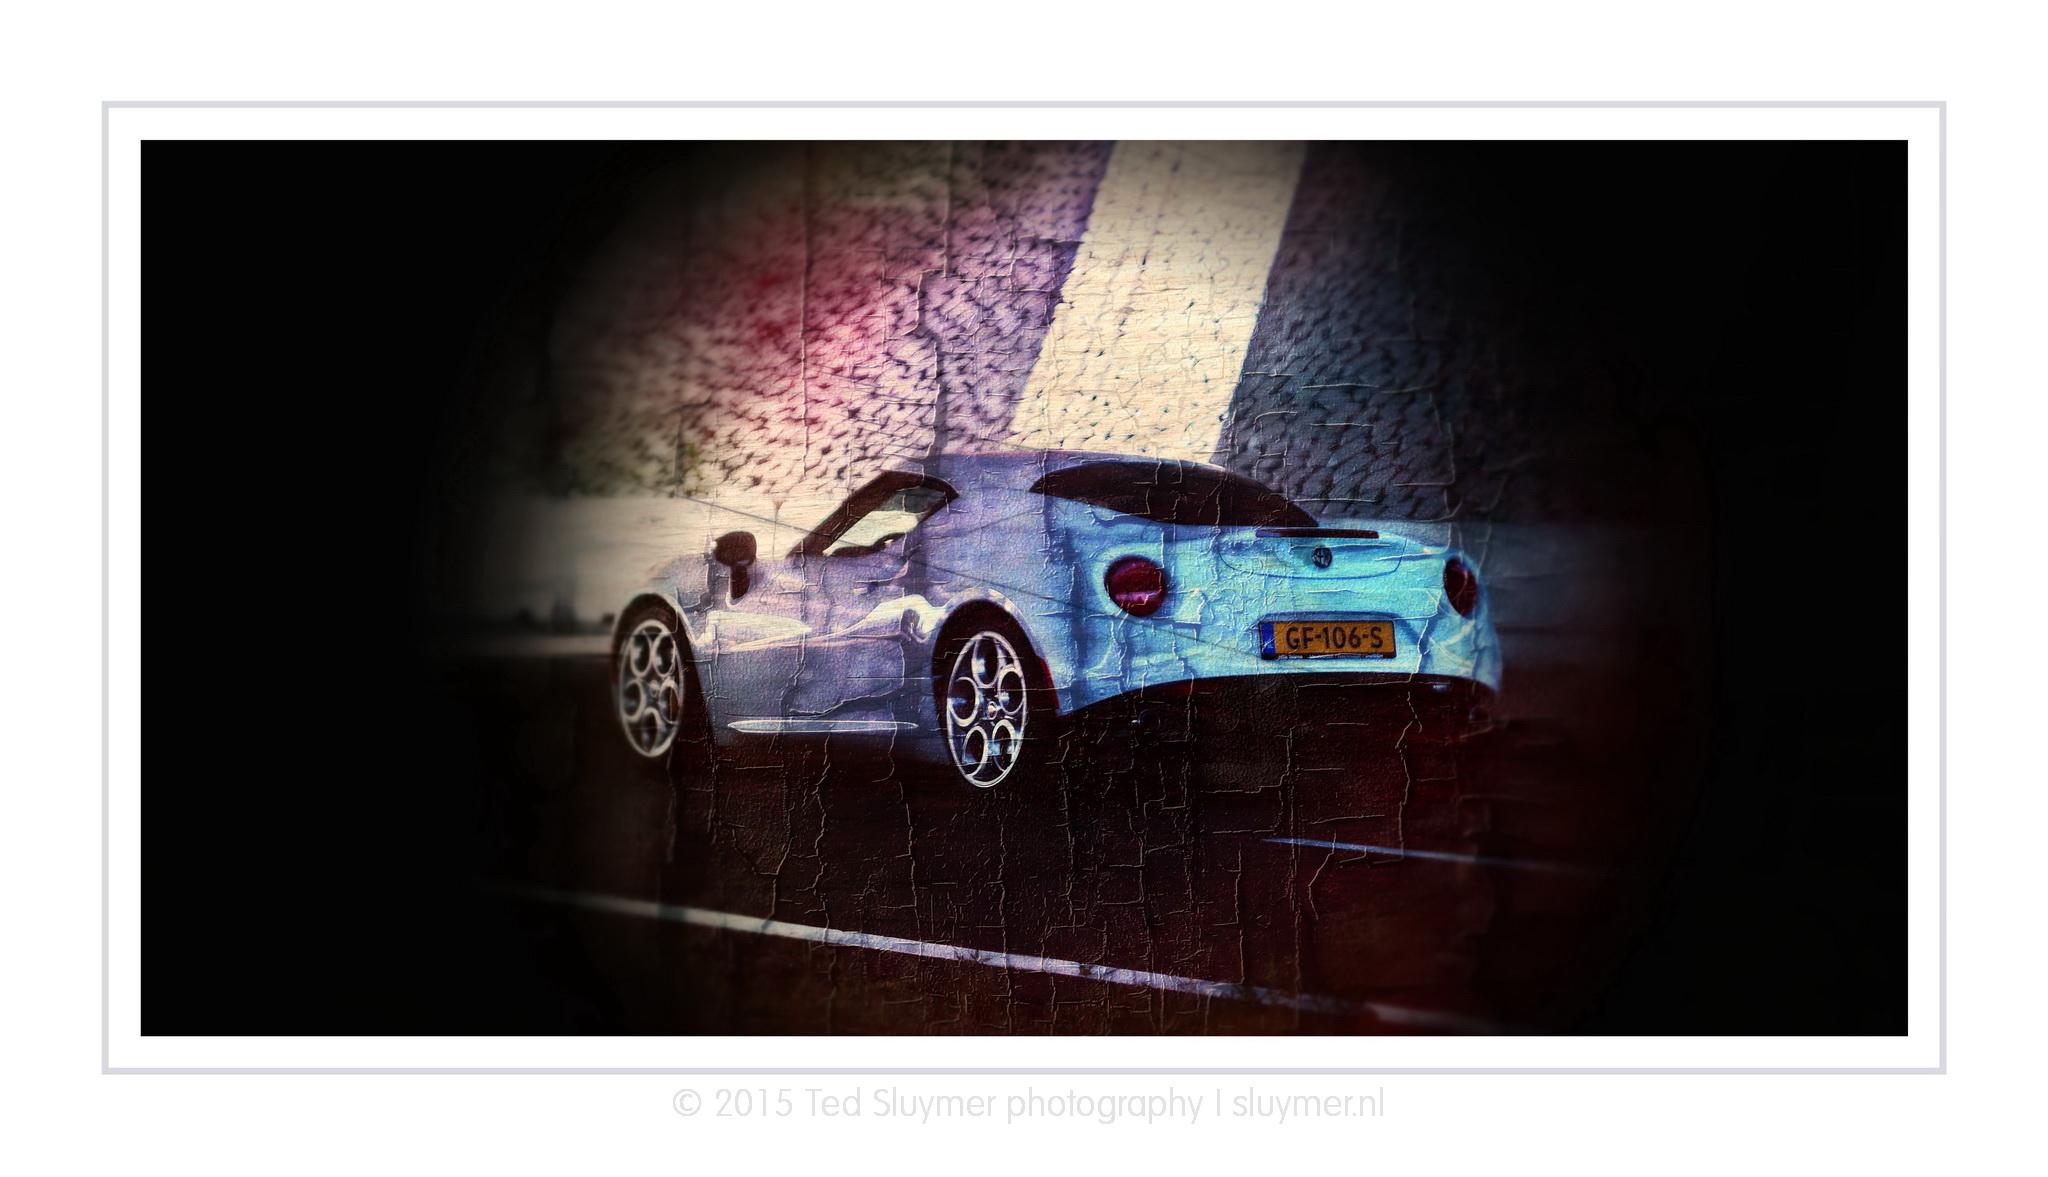 DSC03122 Alfa Romeo 4C BW04 2048p FTS